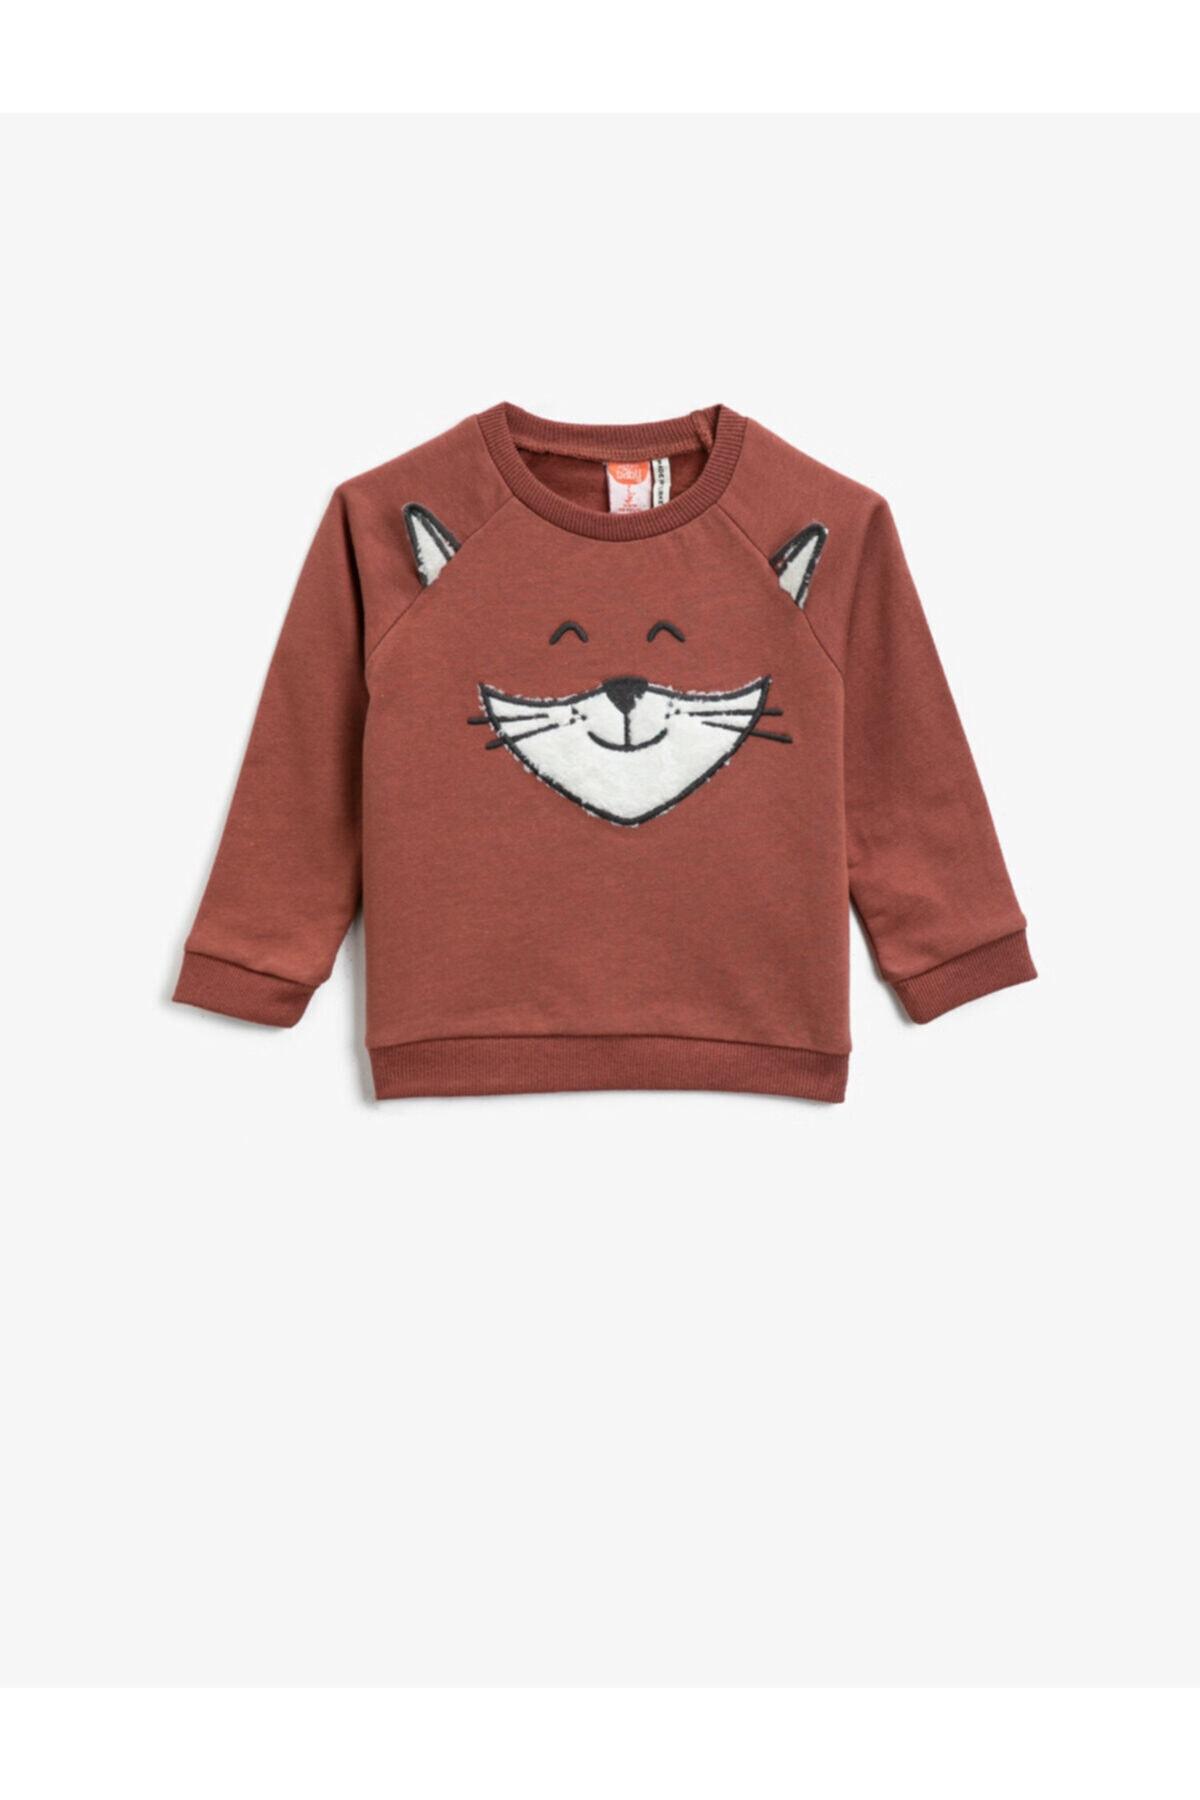 خرید سویشرت نوزاد پسرانه شیک برند کوتون رنگ قهوه ای کد ty72806539